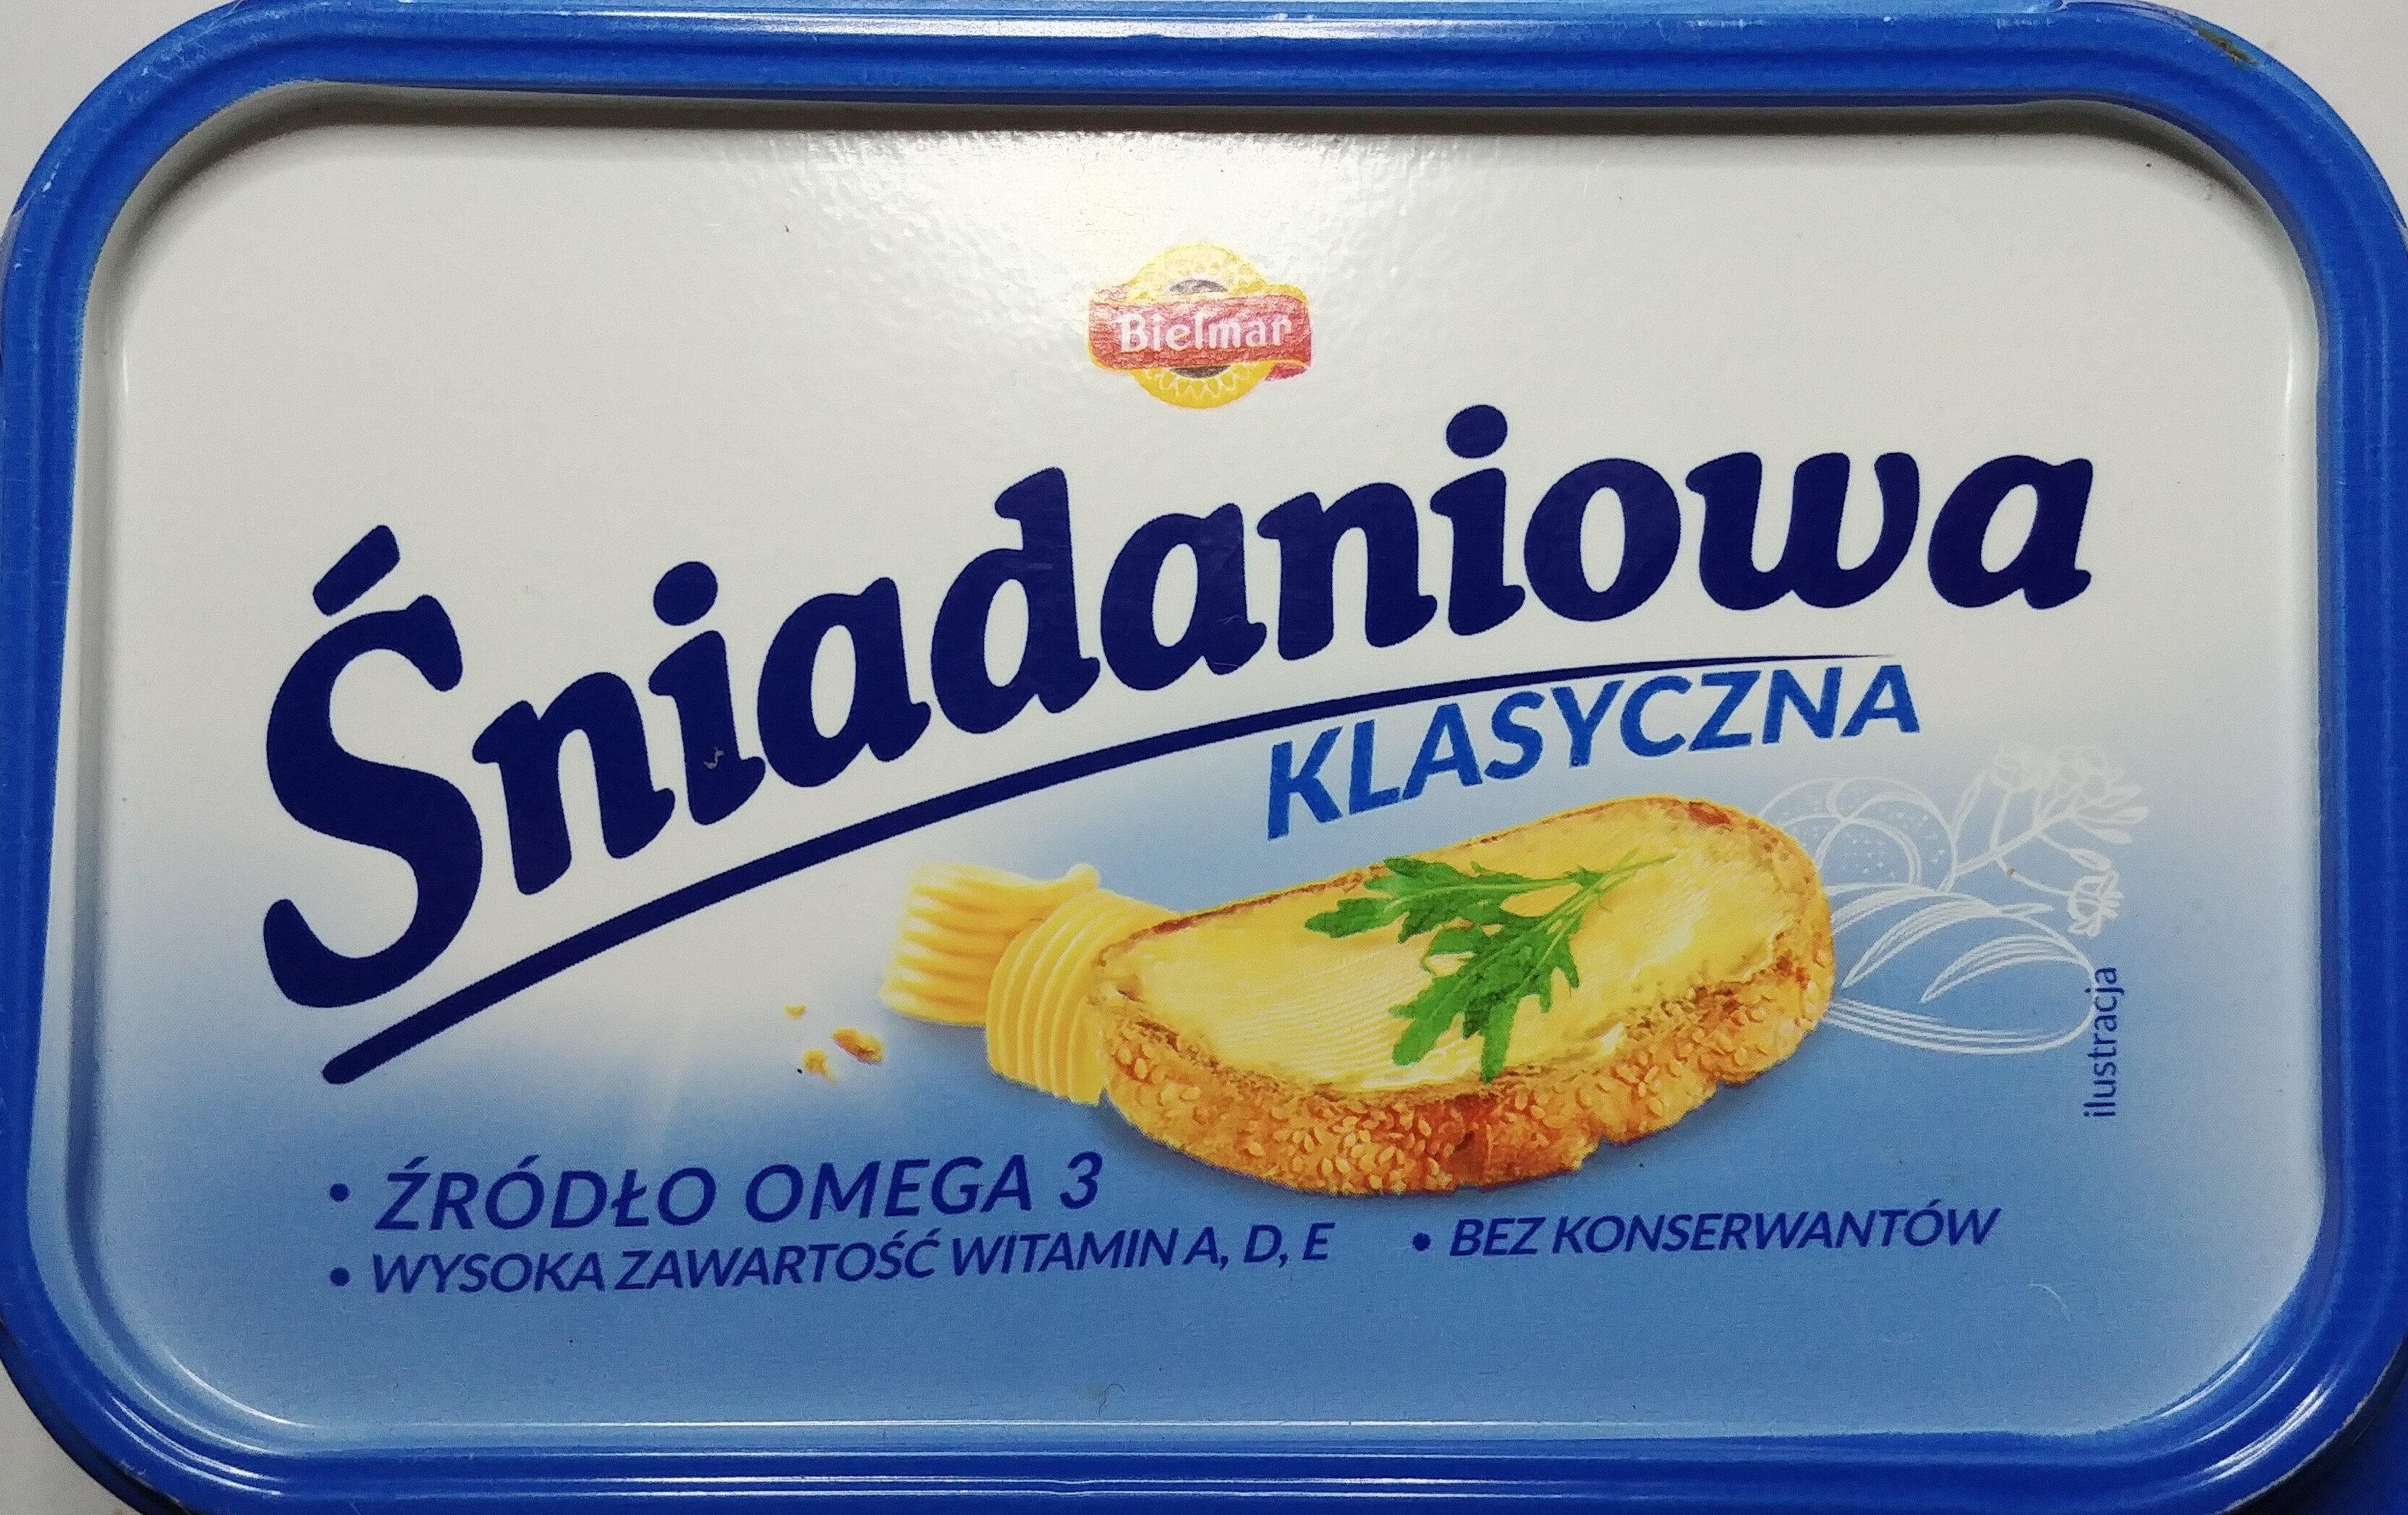 Margaryna o zmniejszonej zawartości tłuszczu - Produkt - pl